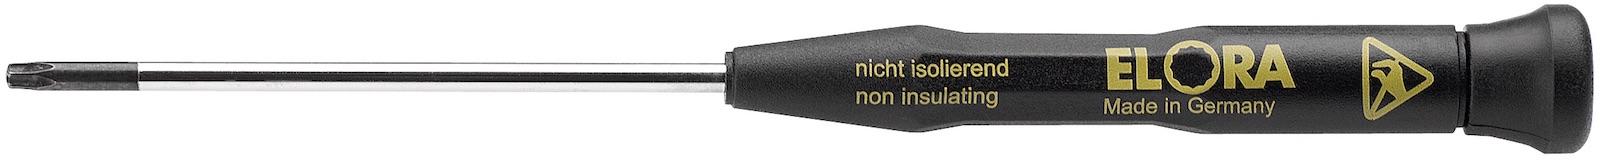 Tuốc nơ vít đầu hoa thị chống tĩnh điện ESD. Made in Germany.